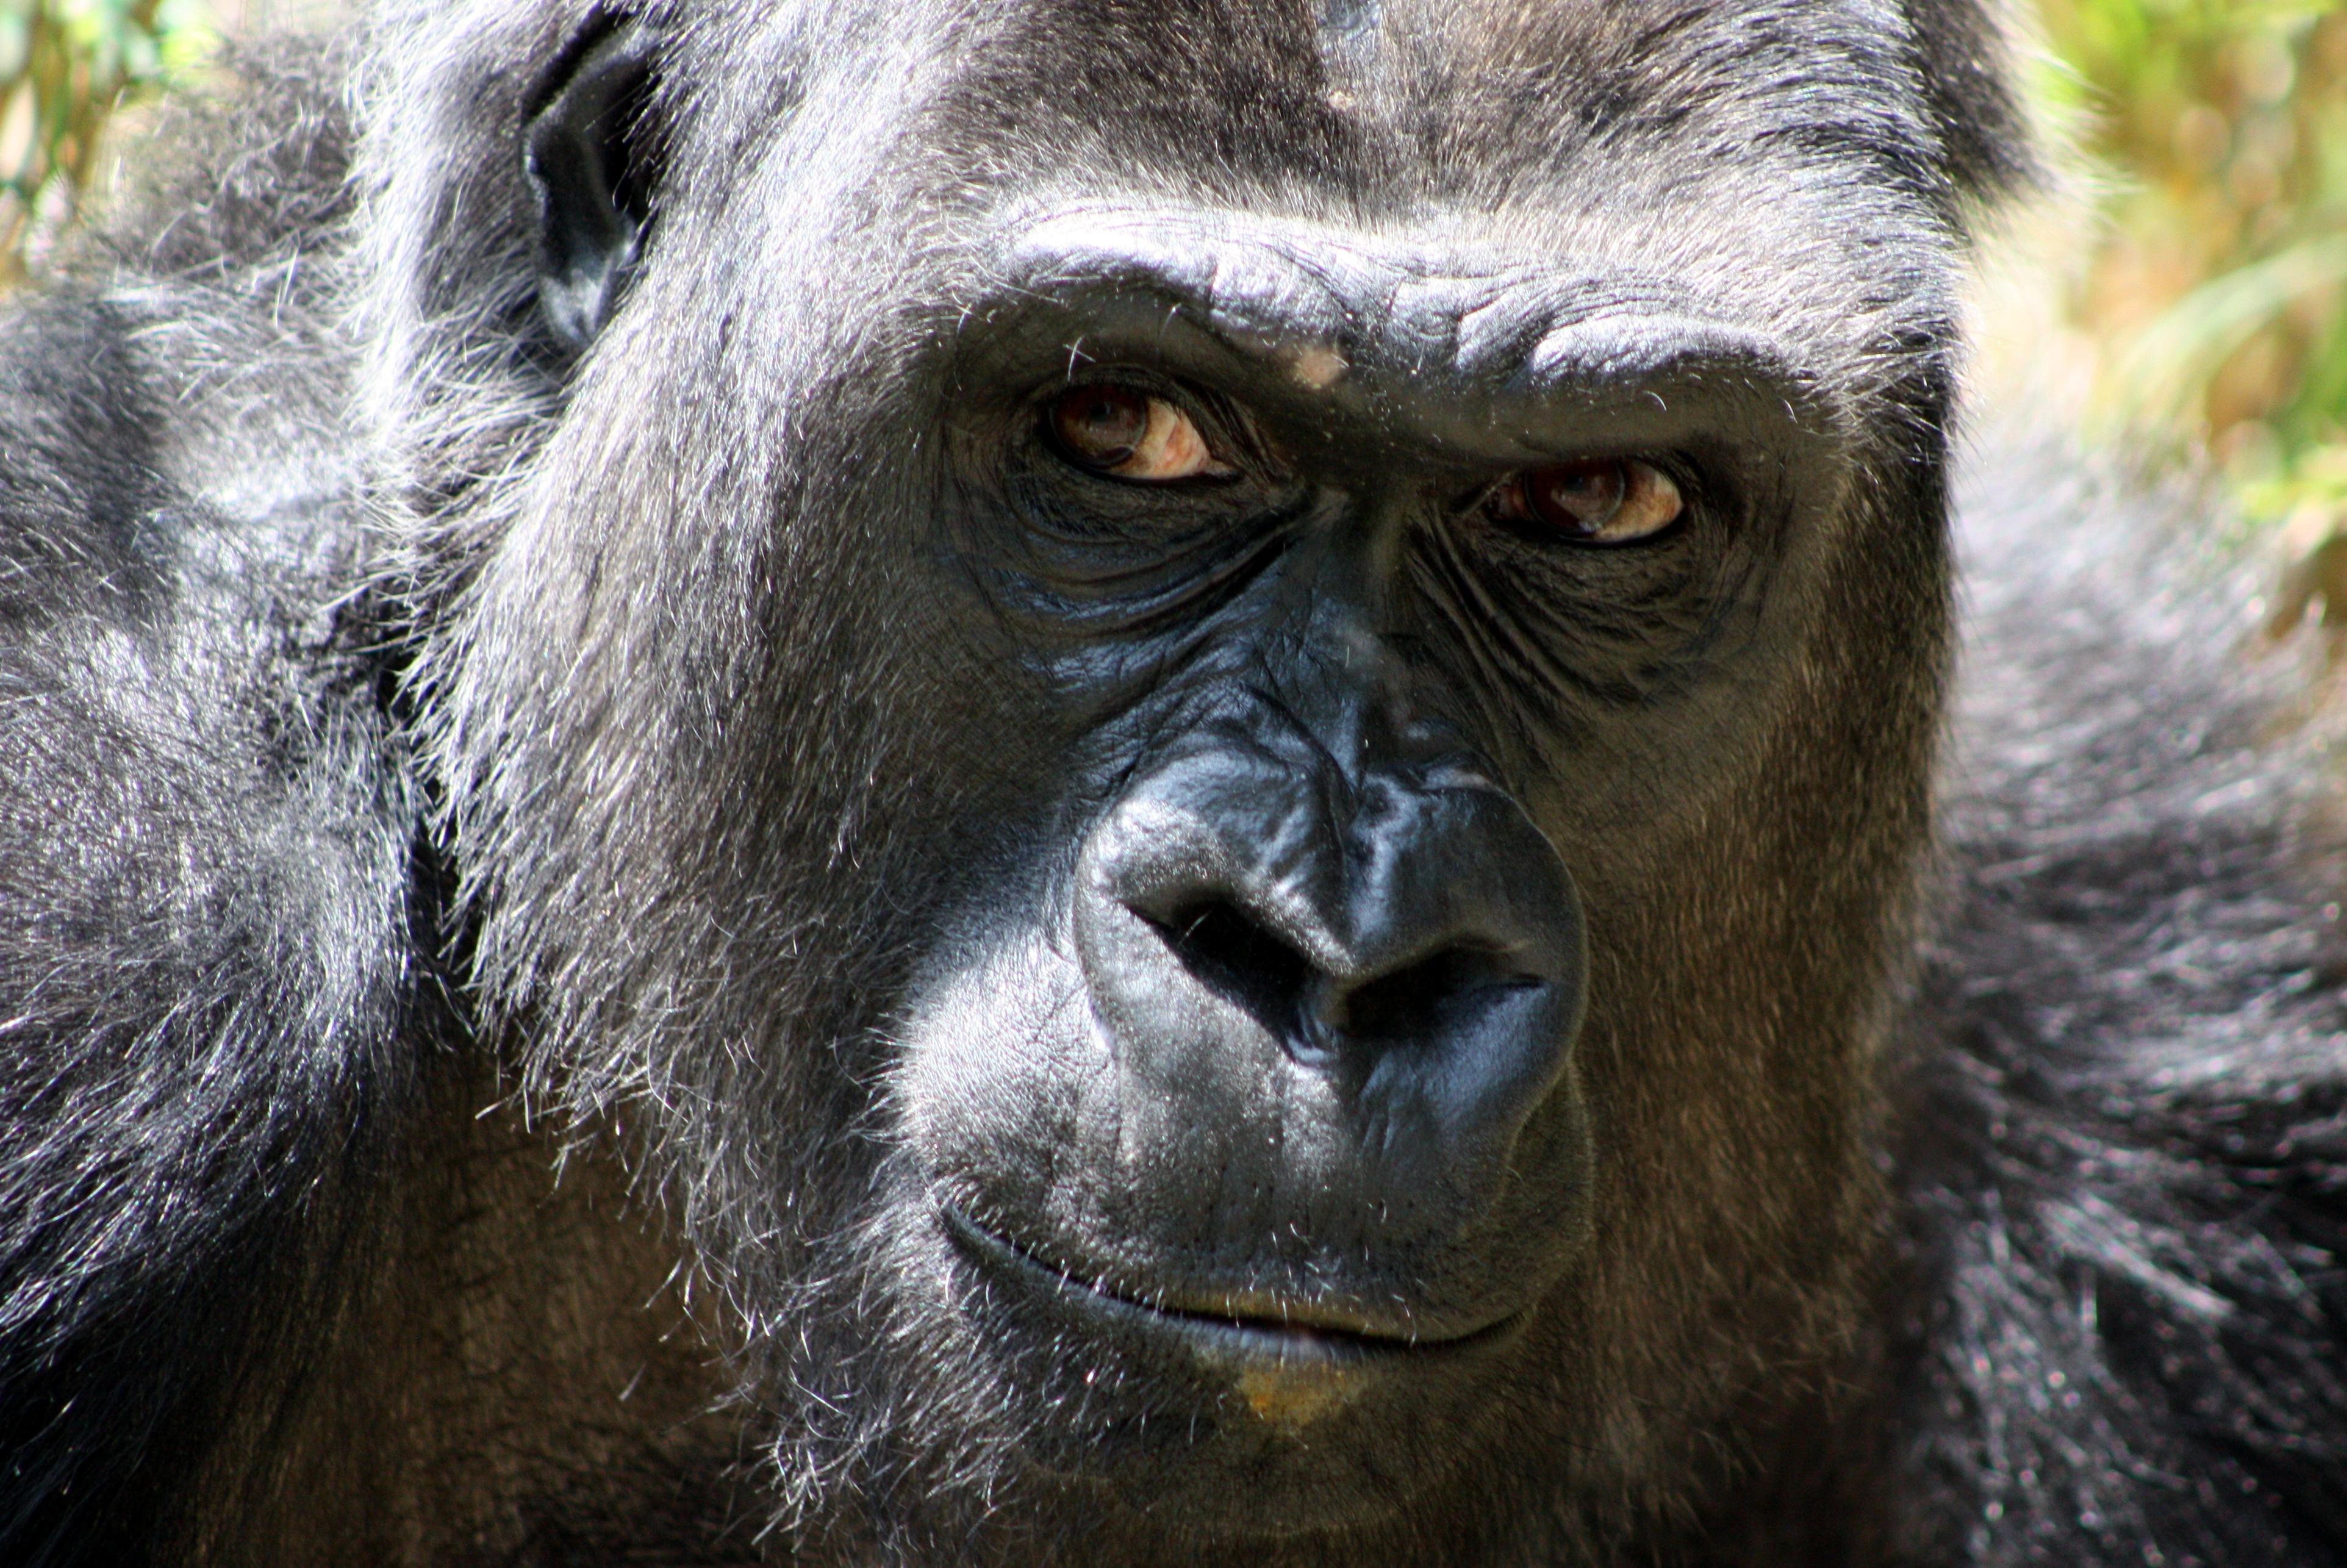 Il gorilla invisibile: mappe di salienza e controllo dell'attenzione